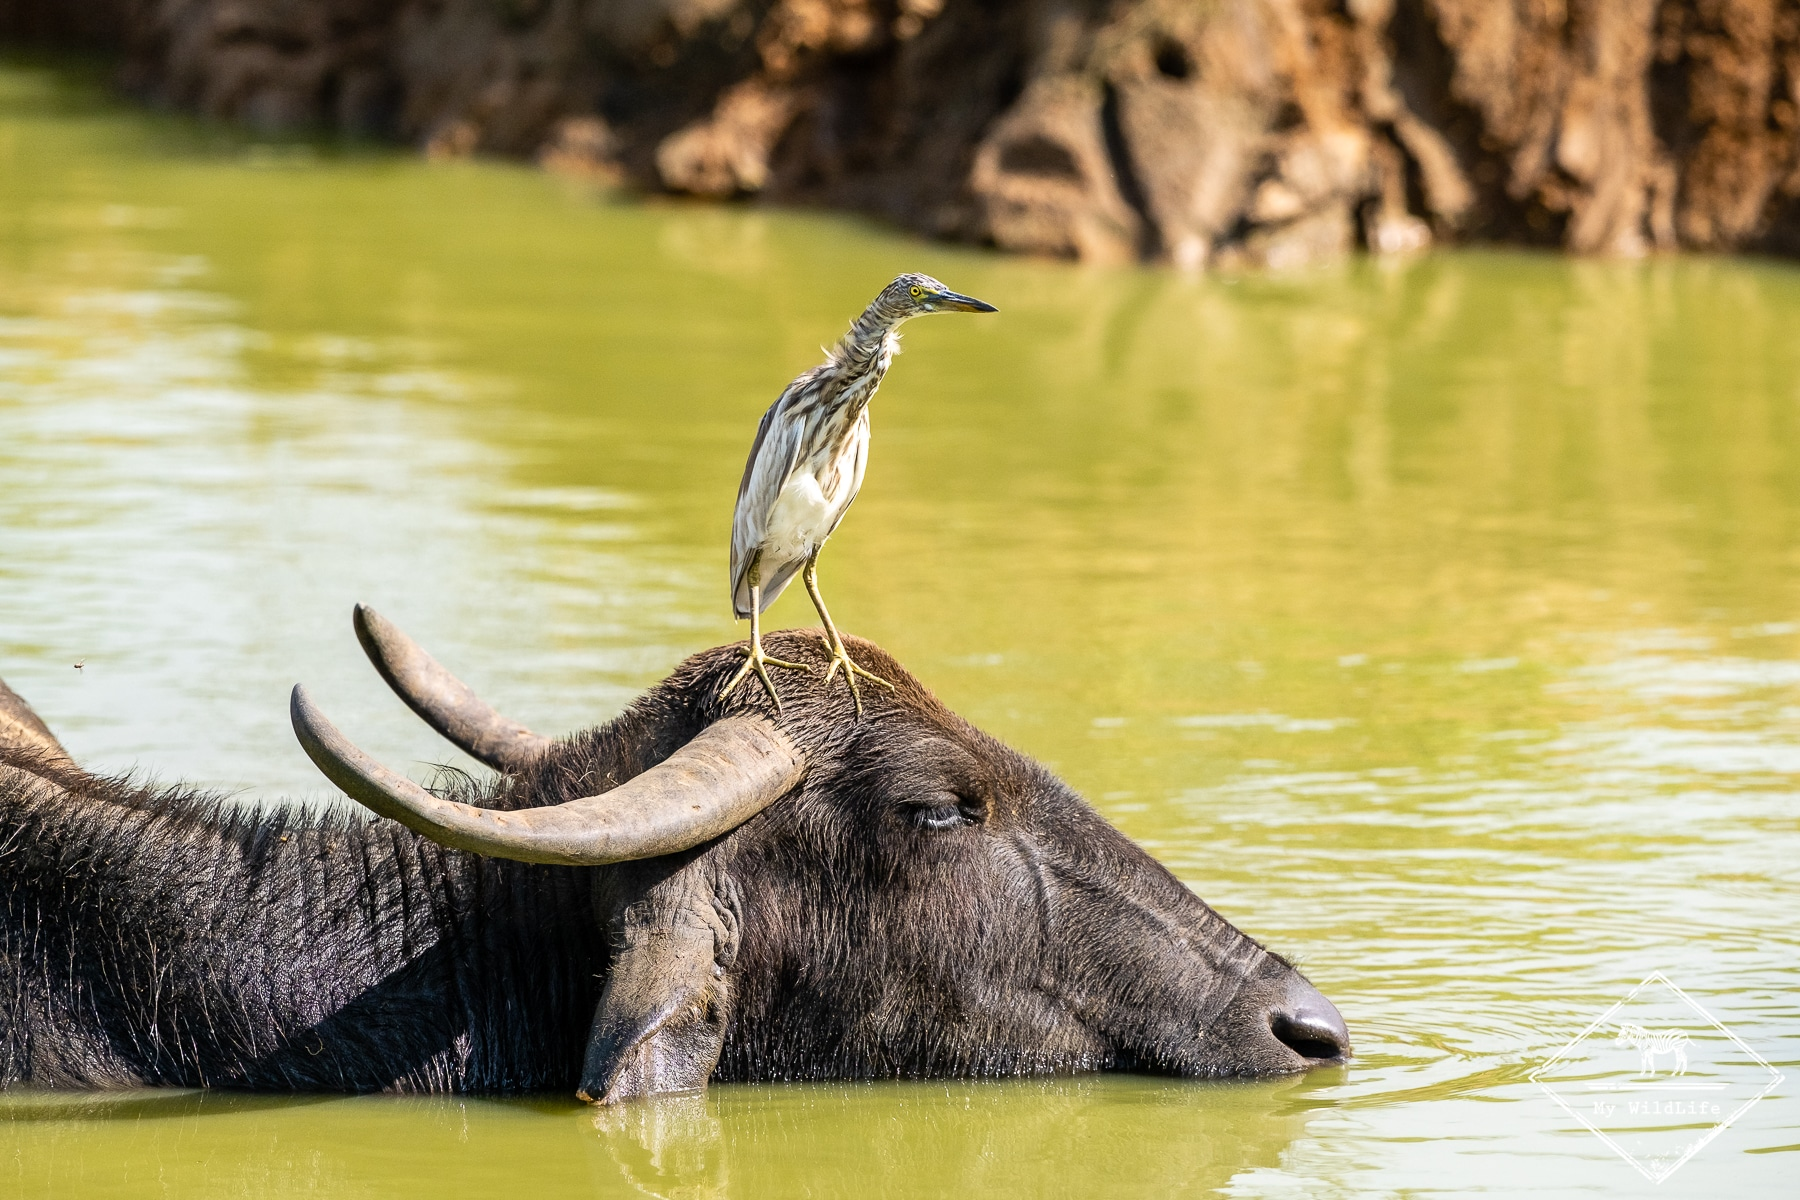 Quels animaux voir au Sri Lanka ? Le buffle